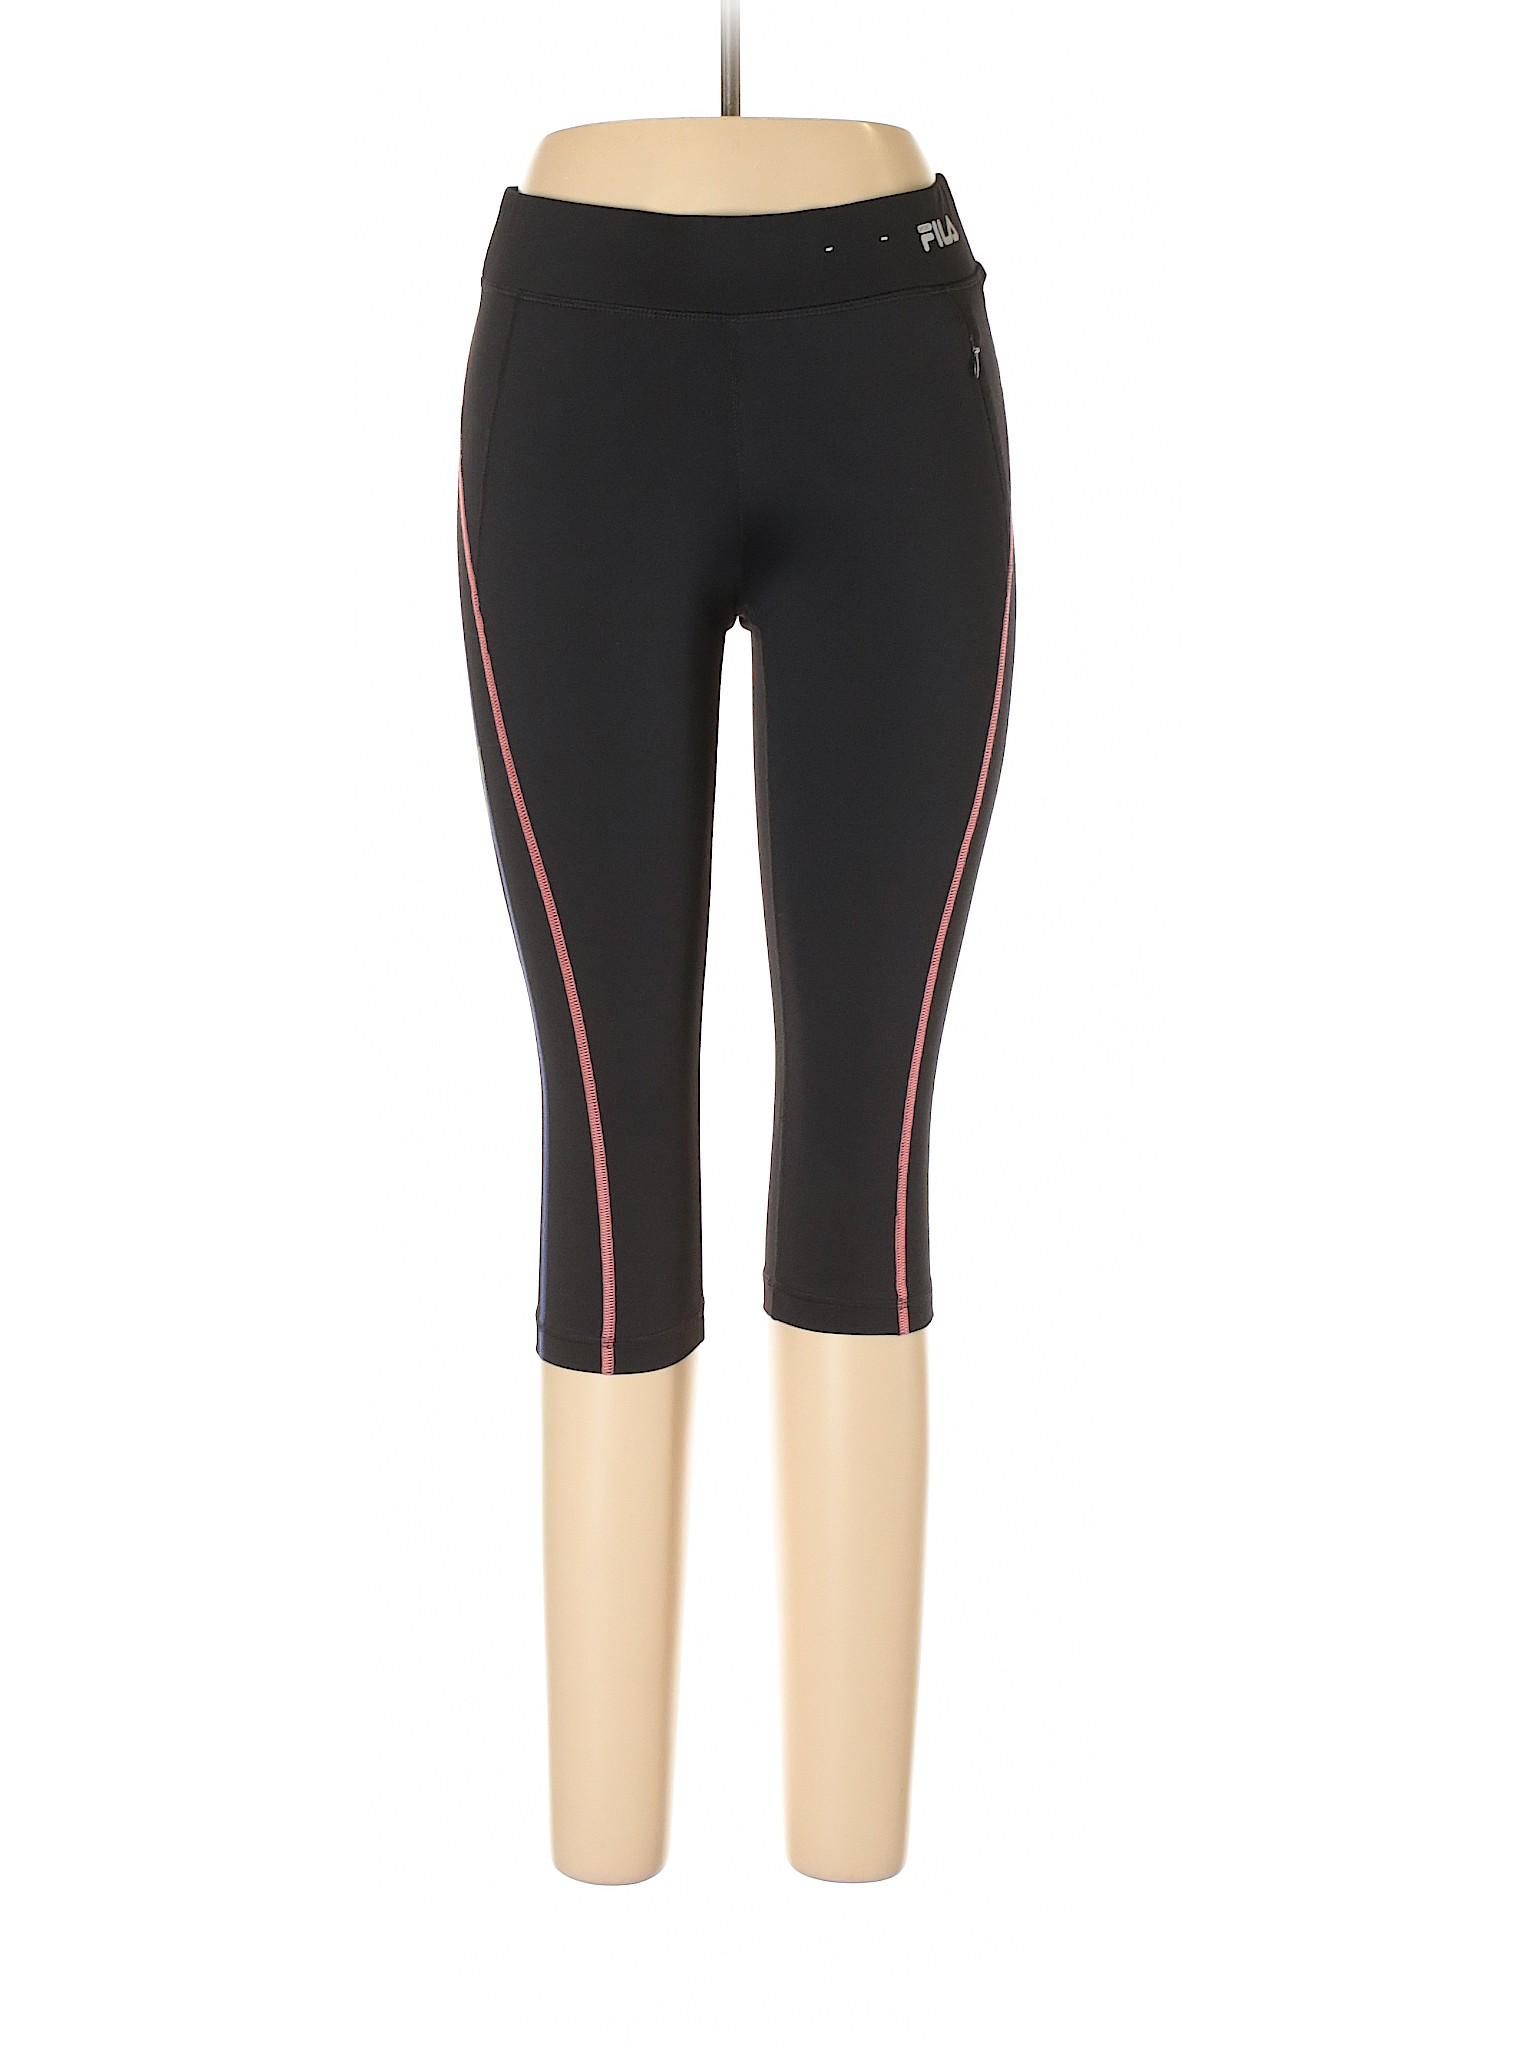 Boutique Fila Boutique Pants winter Active winter x1H7w1nq4F